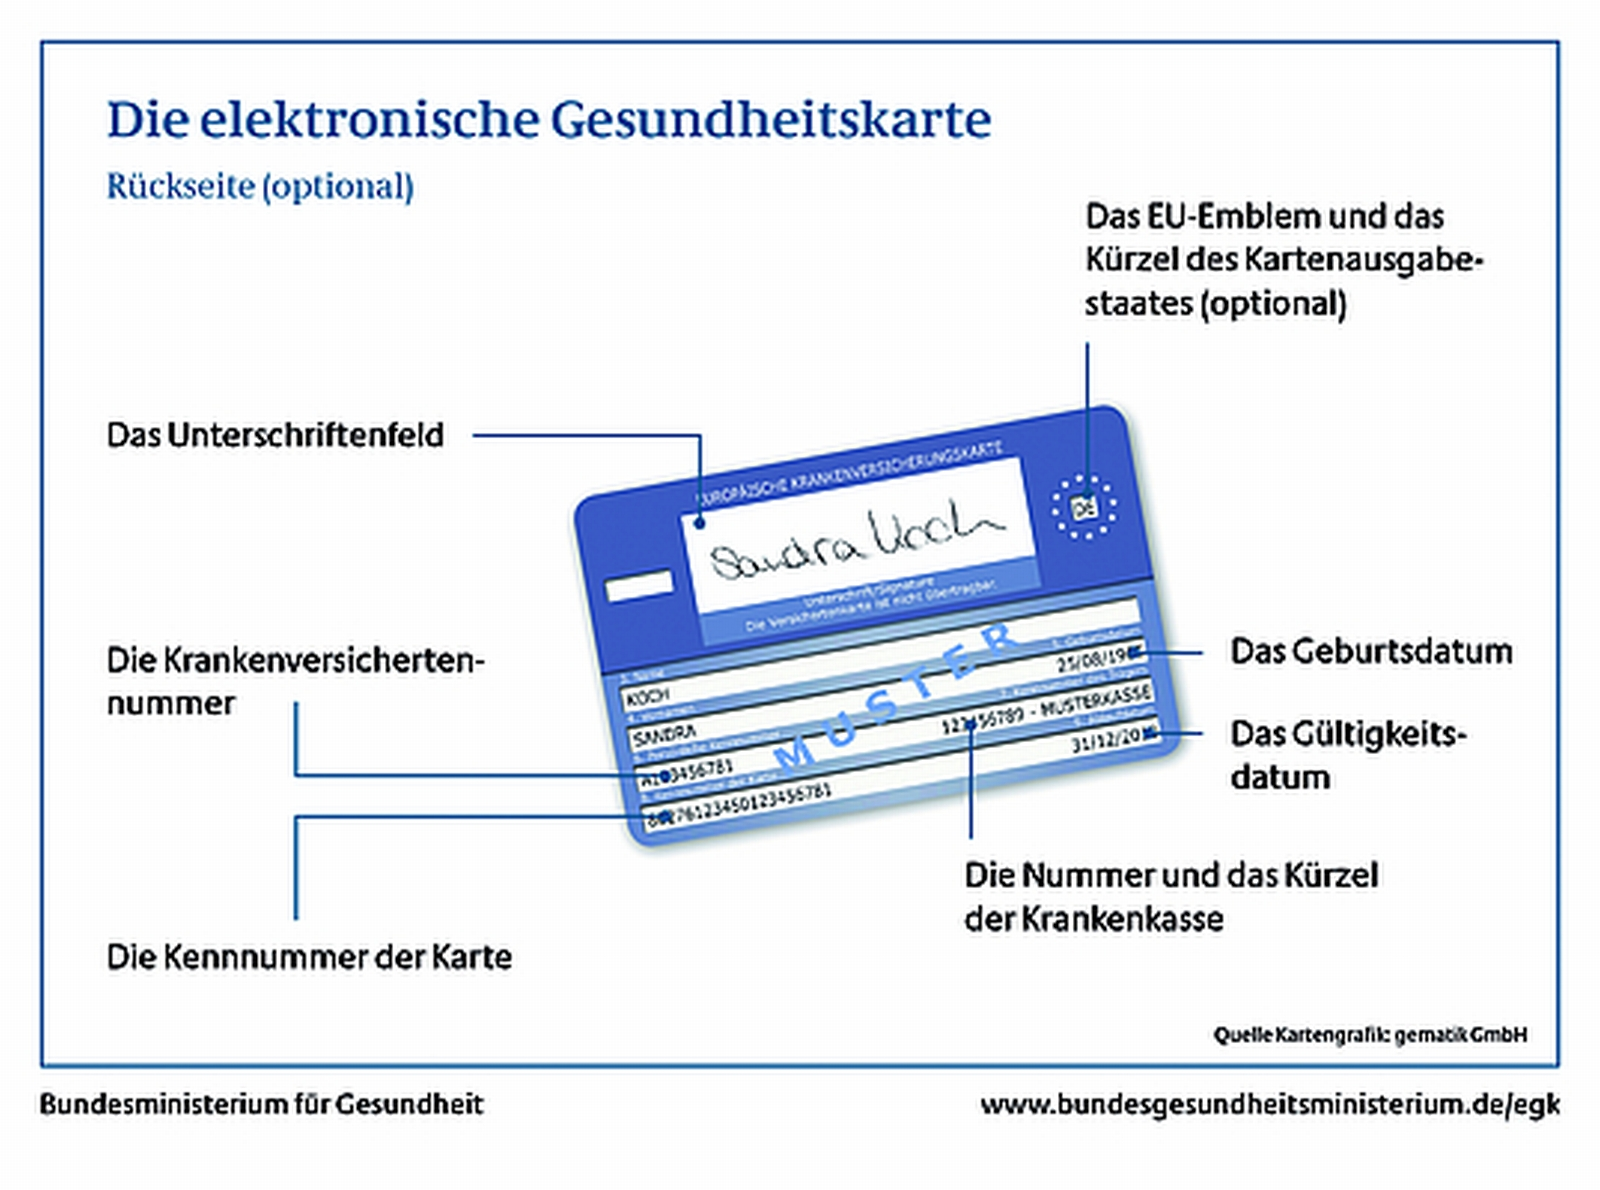 Ehic Karte.Epikurier Elektronische Gesundheitskarte Egk